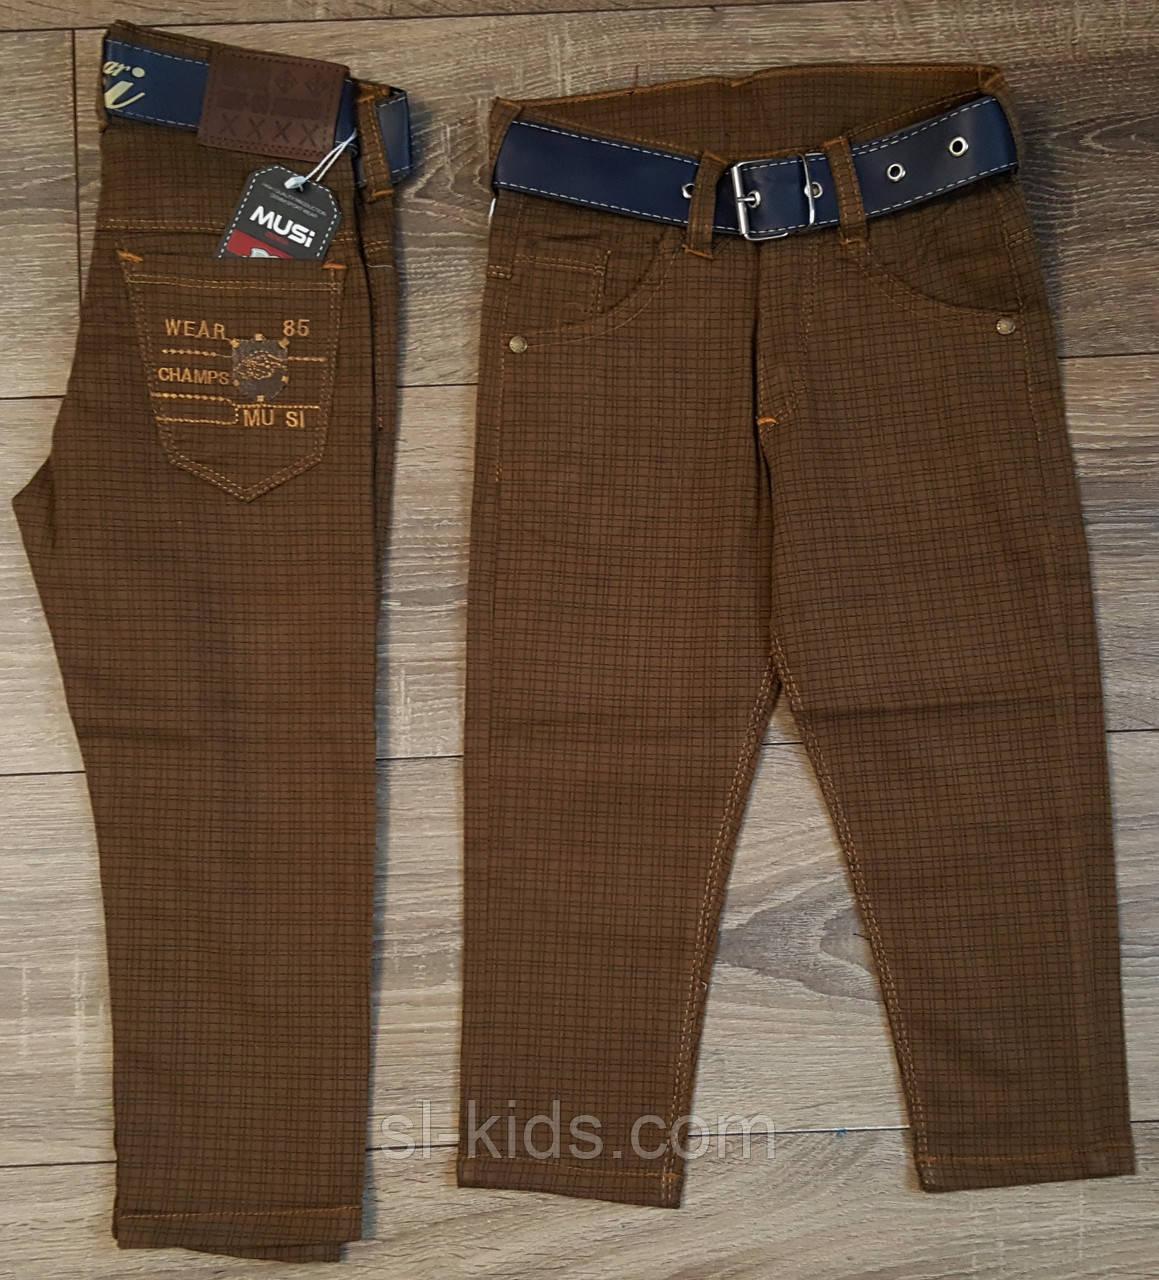 Стильные штаны,джинсы для мальчика 2-6 лет(коричневые клетка)  пр.Турция